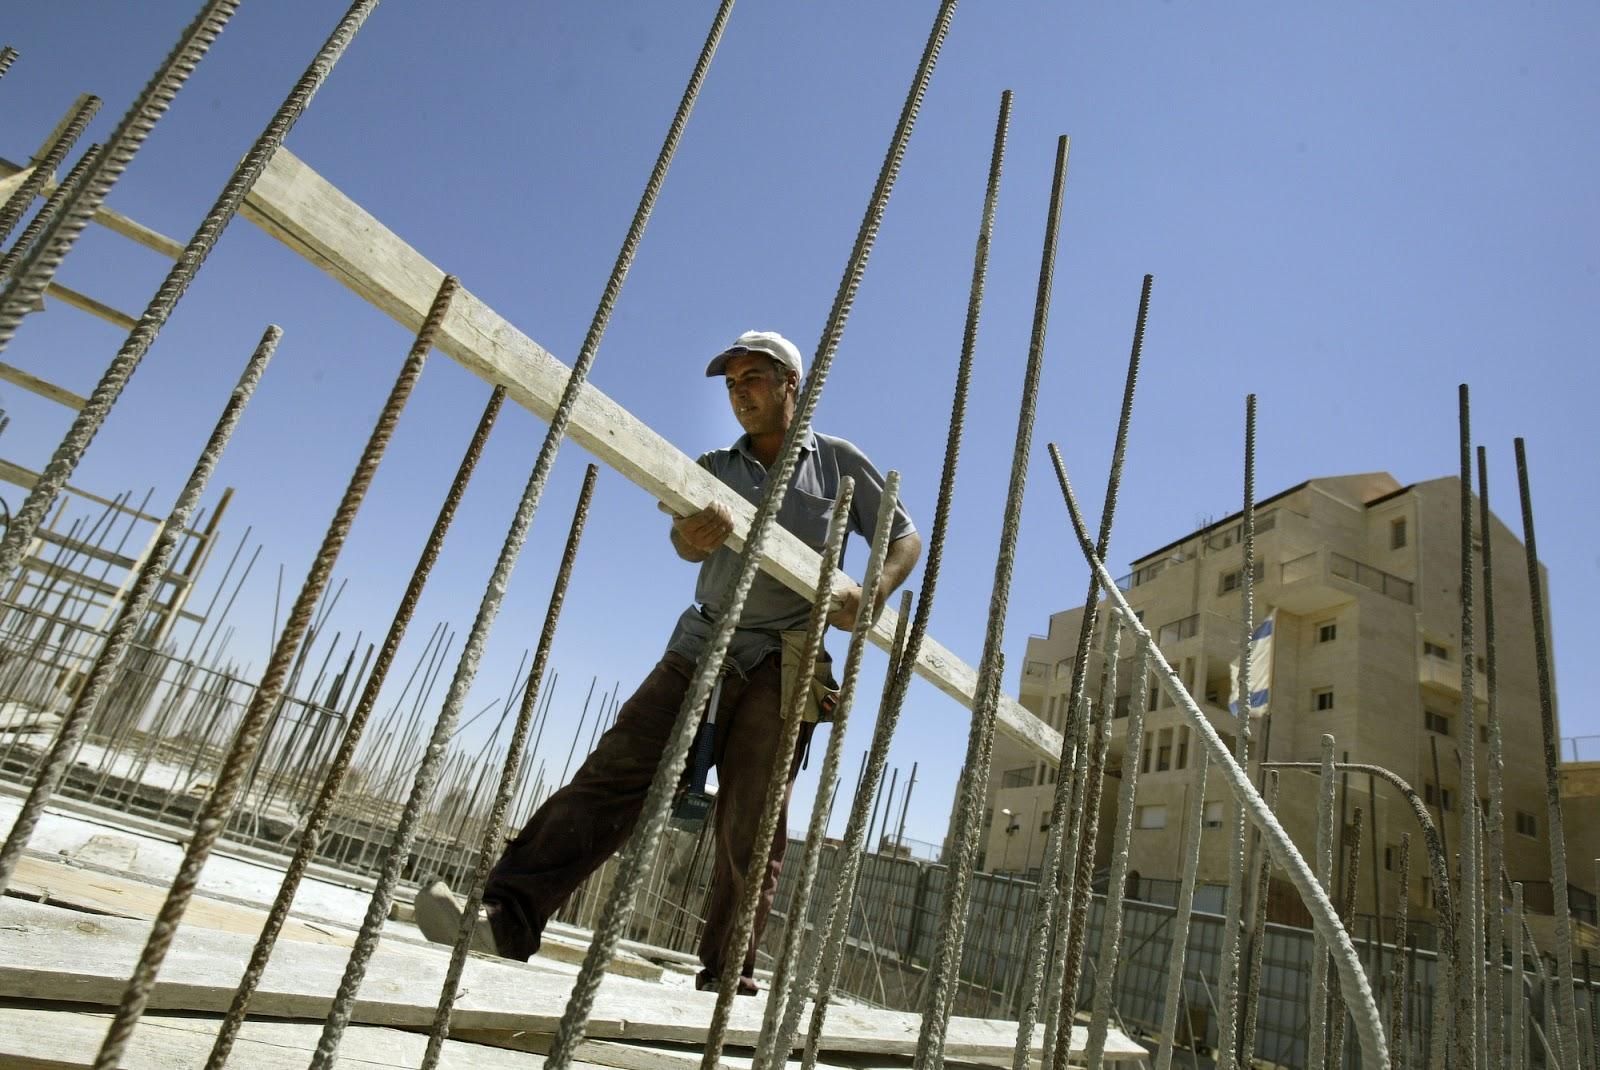 Μητσοτάκης: Αναστέλλεται το ΦΠΑ στις οικοδομικές άδειες